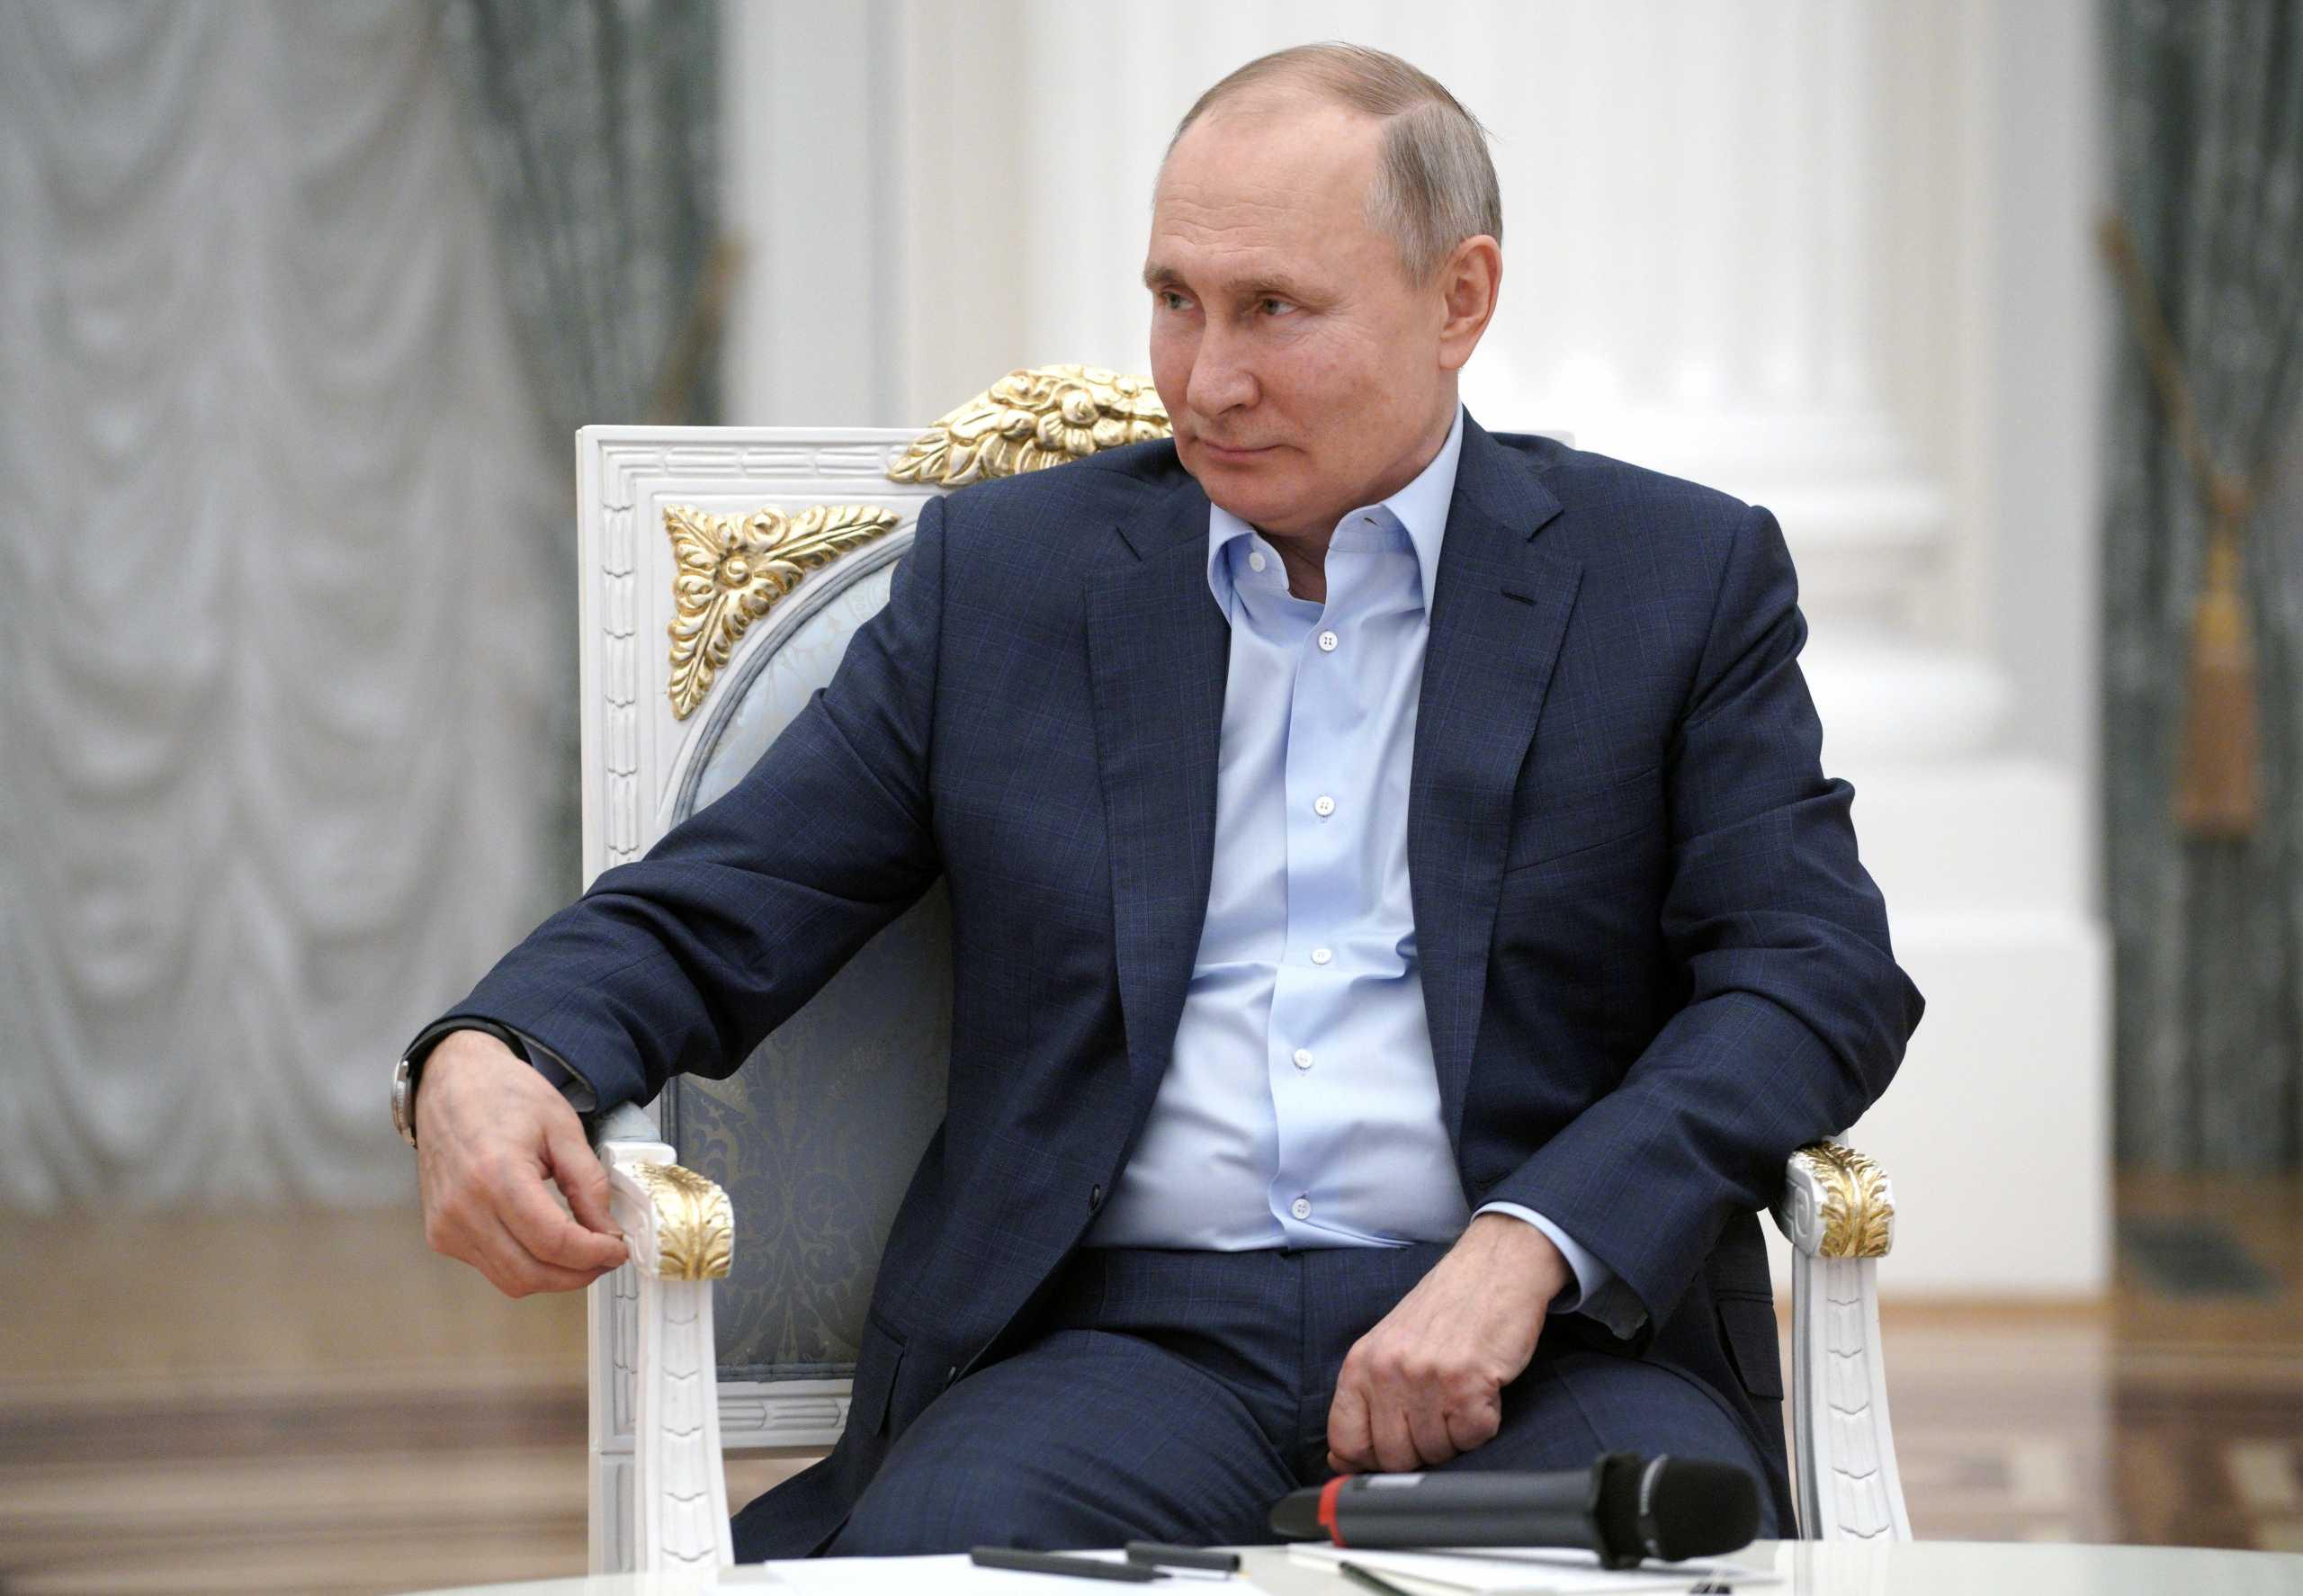 Ο Βλαντιμίρ Πούτιν ξεμπέρδεψε με το εμβόλιο – Έκανε και την 2η δόση